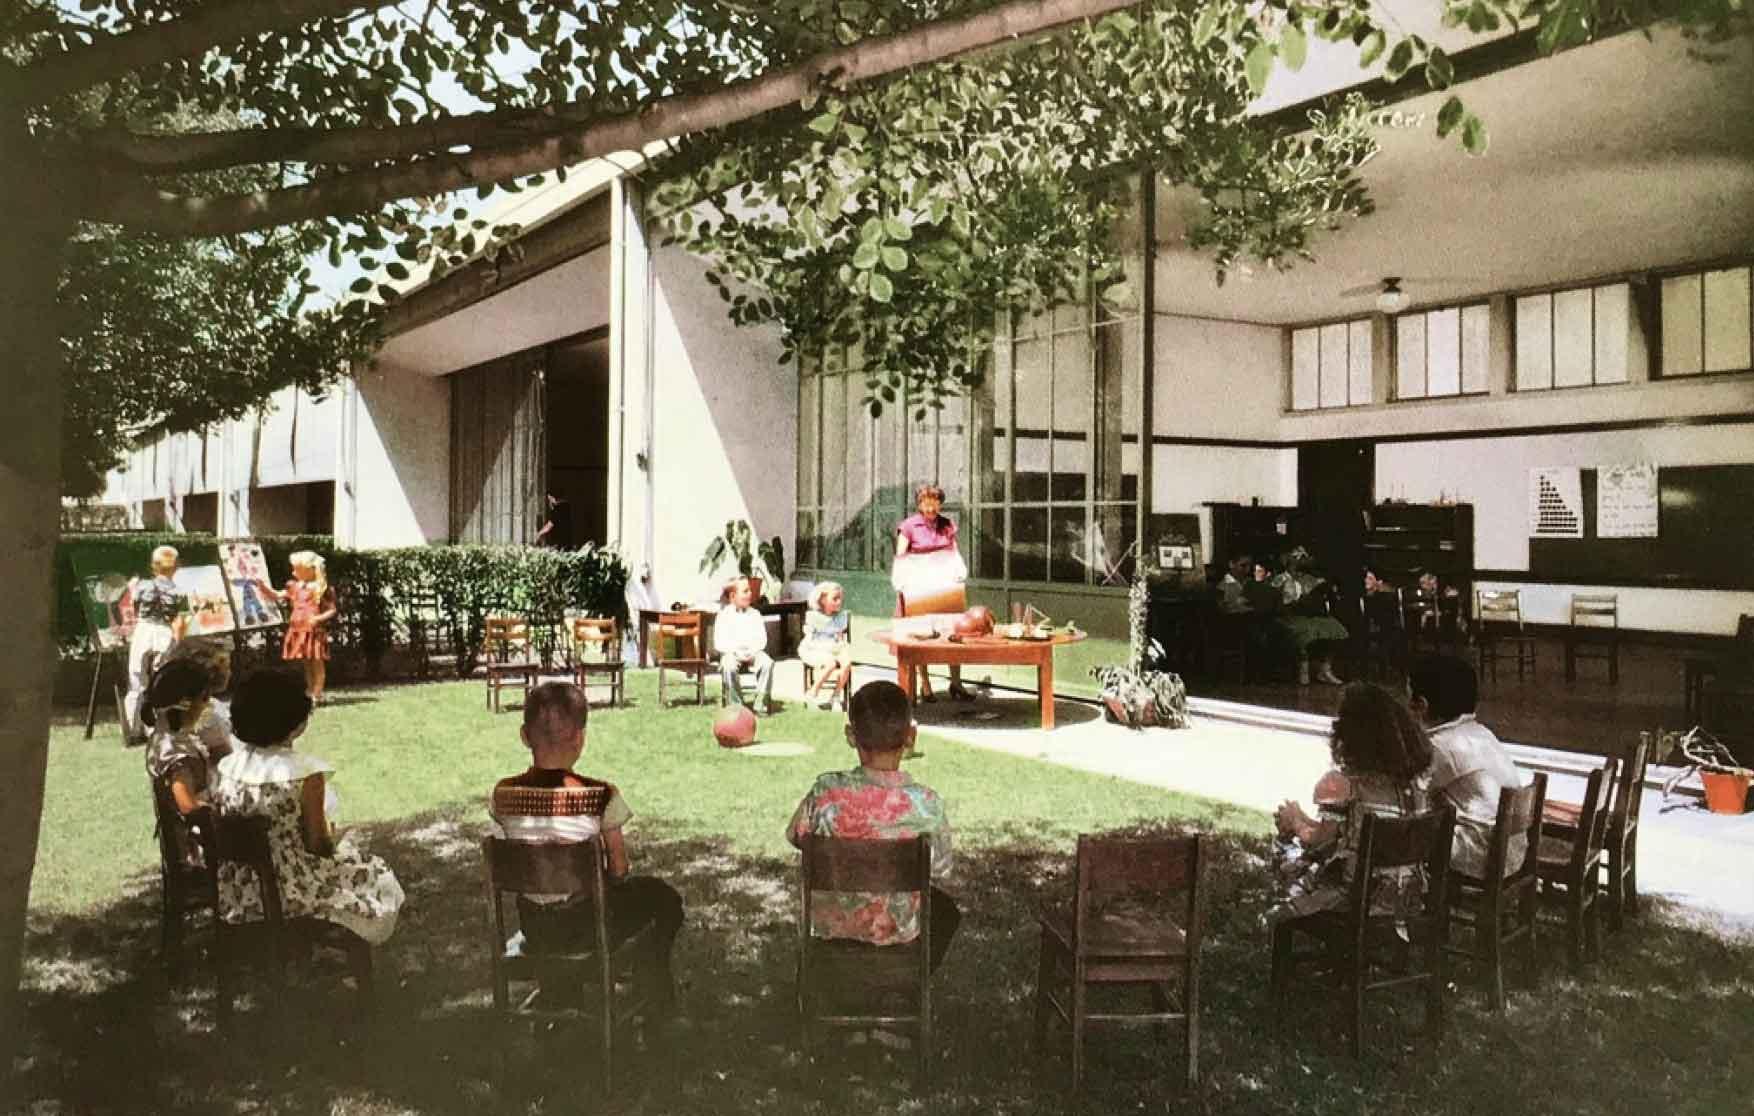 School a Los Angeles, California (1935). La natura come ambiente ideale per l'apprendimento. © Julius Shulman.